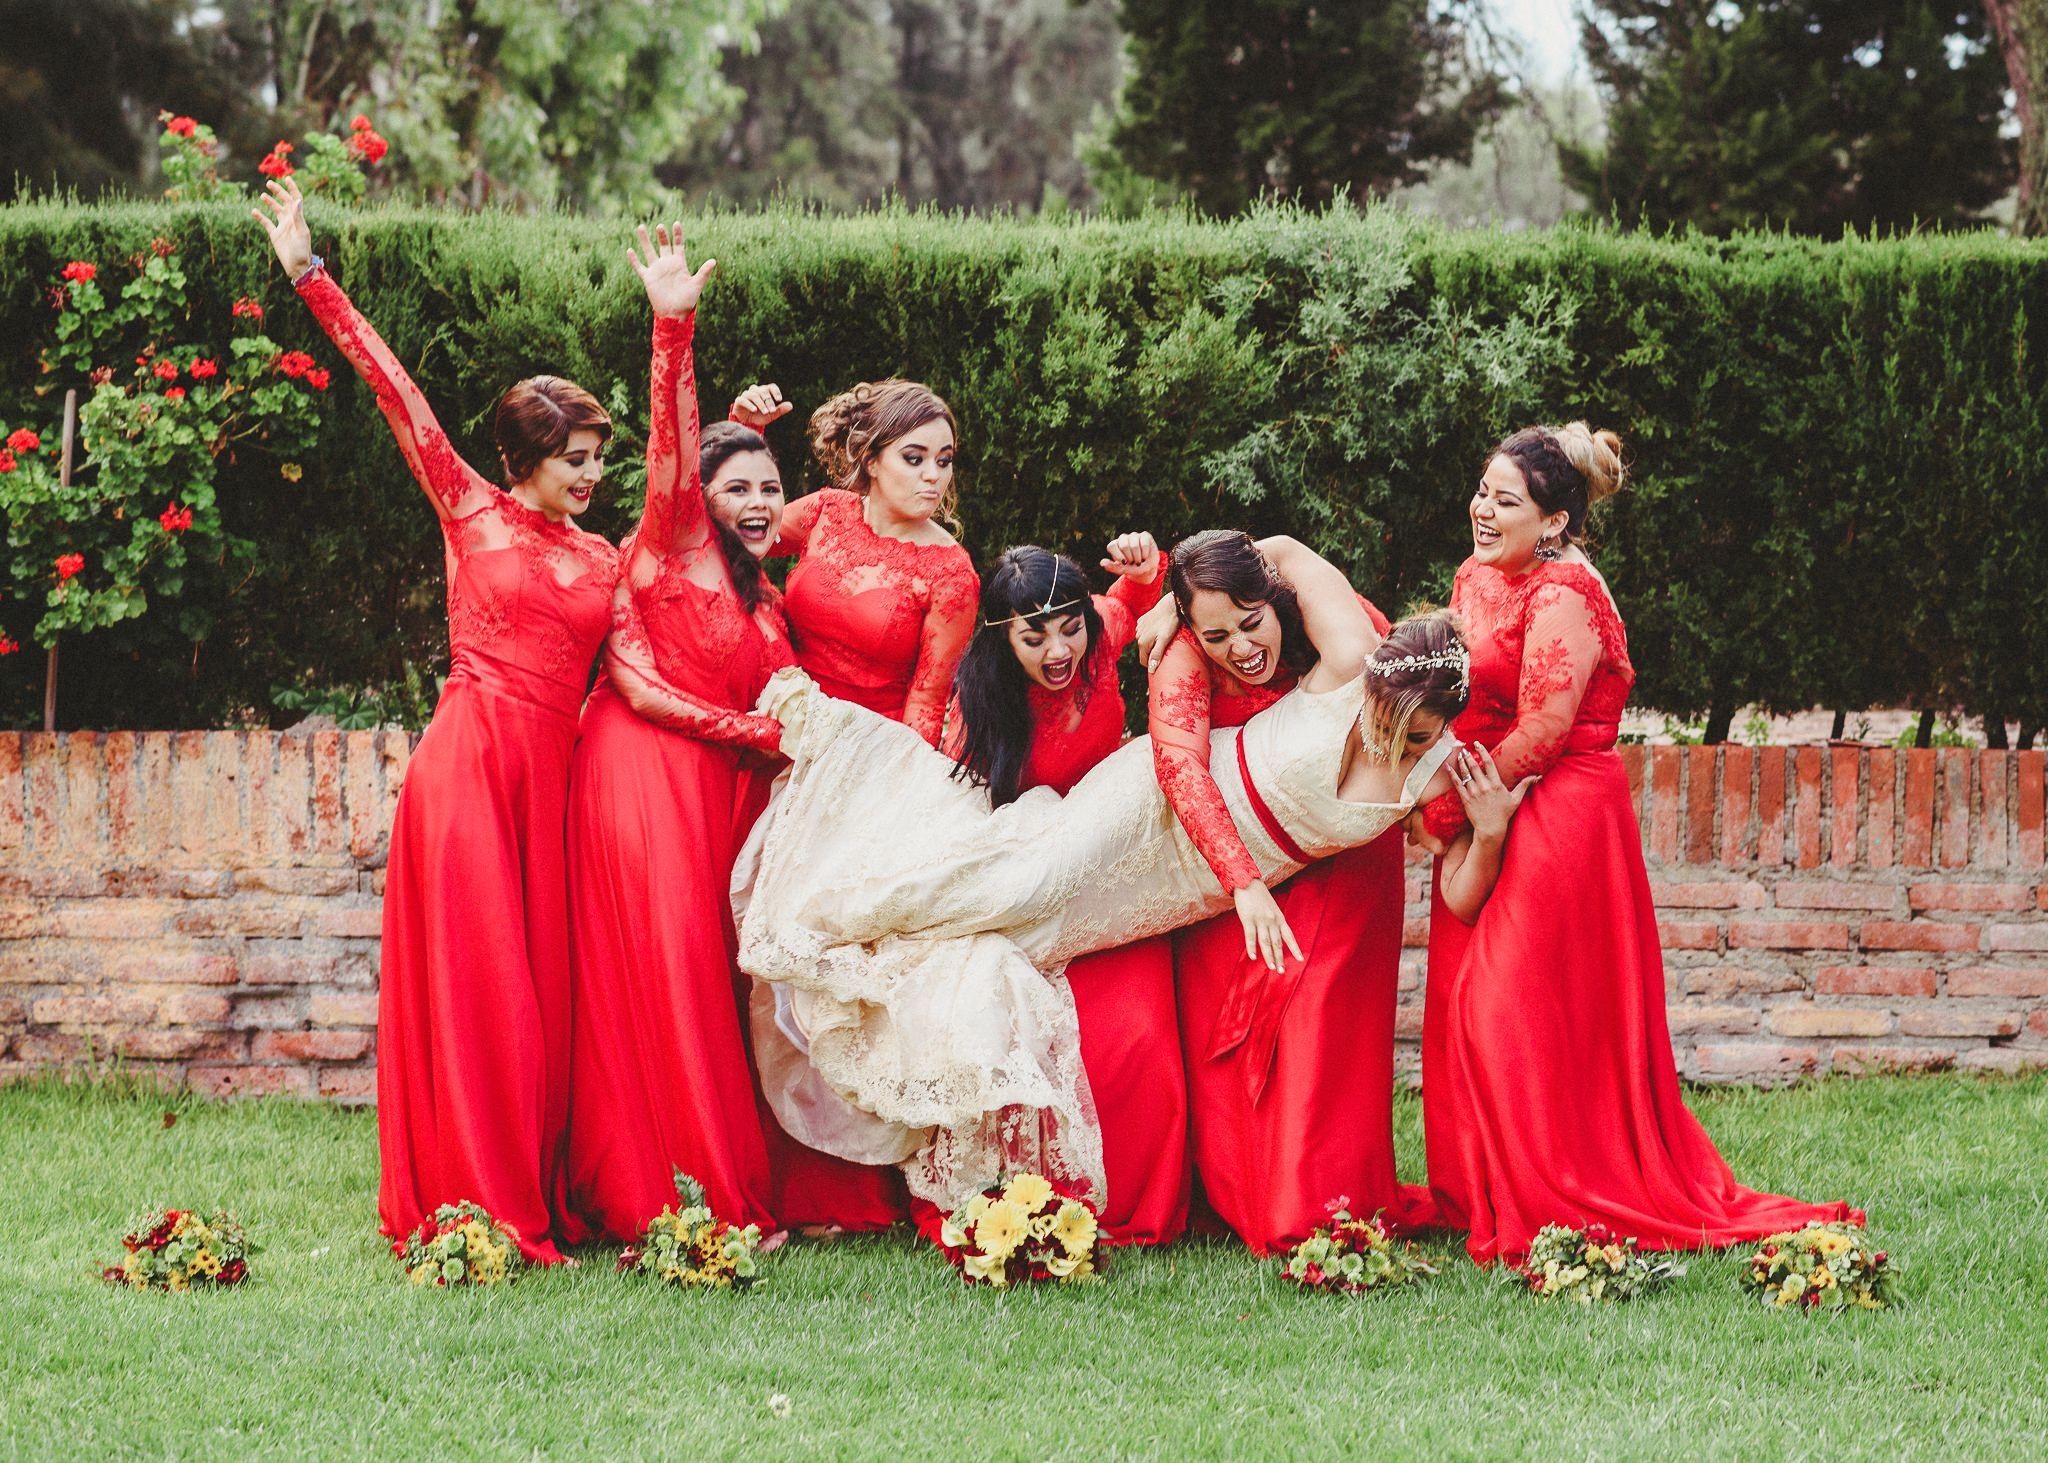 03boda-en-jardin-wedding-hacienda-los-cuartos-fotografo-luis-houdin89